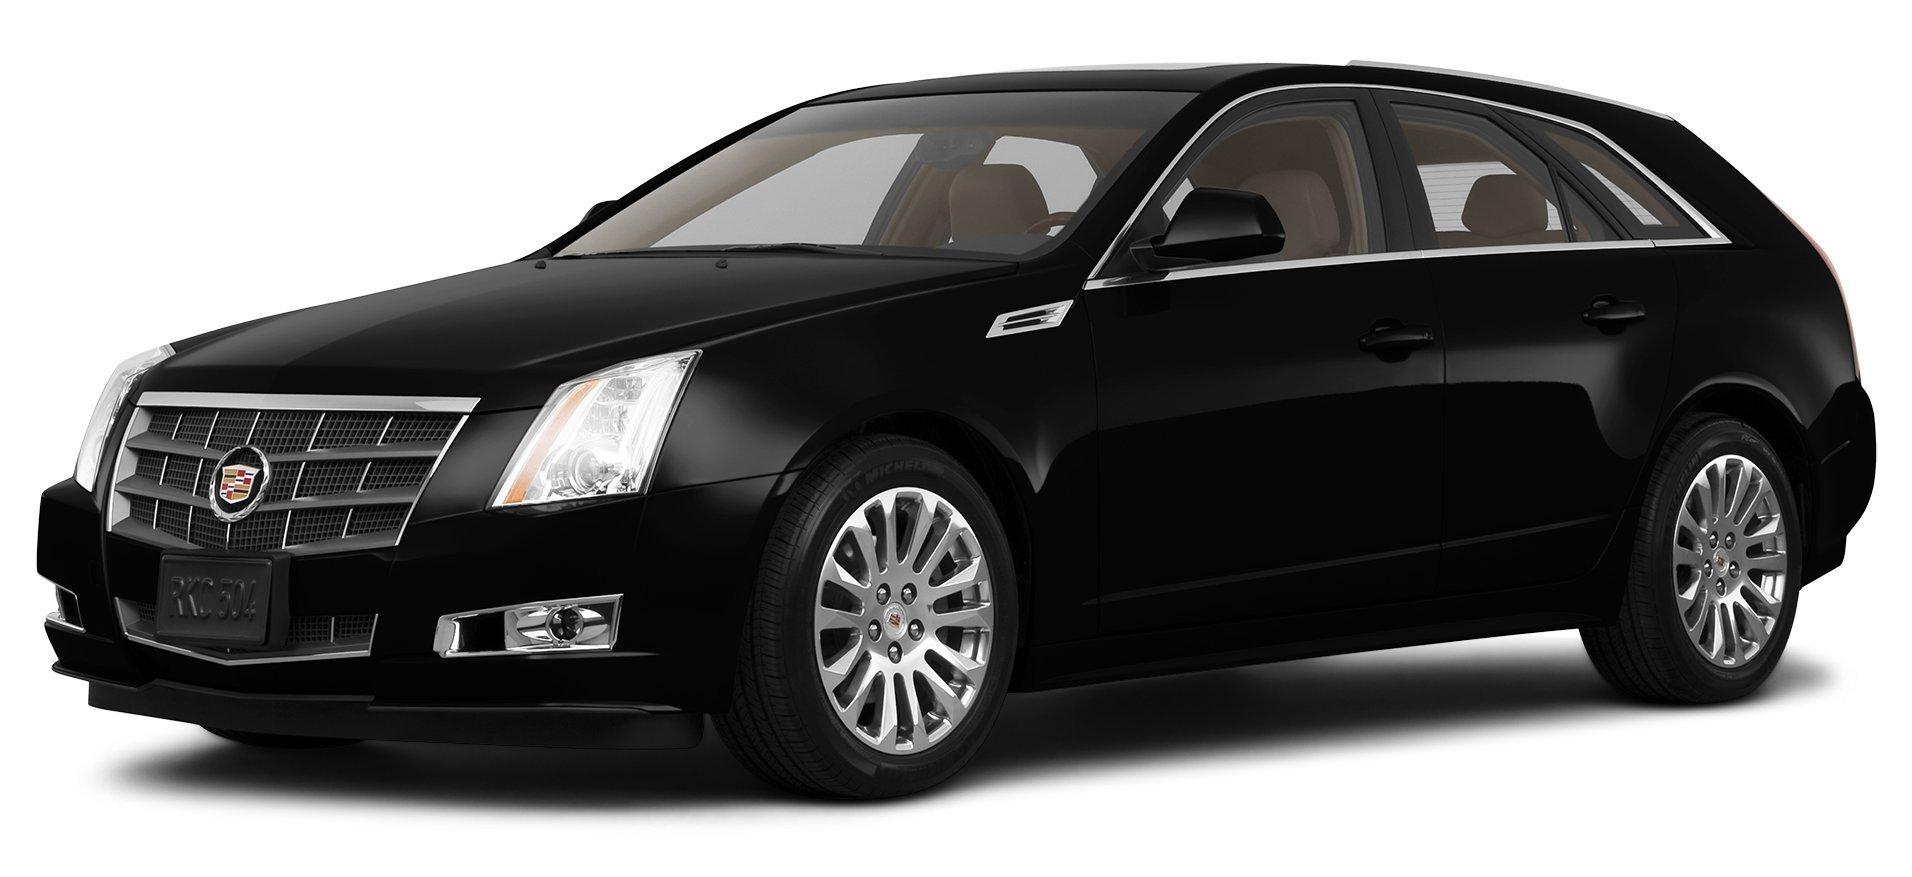 ... 2010 Cadillac CTS Premium, 5-Door Wagon 3.6L All Wheel Drive. 2010 Audi  A6 ...